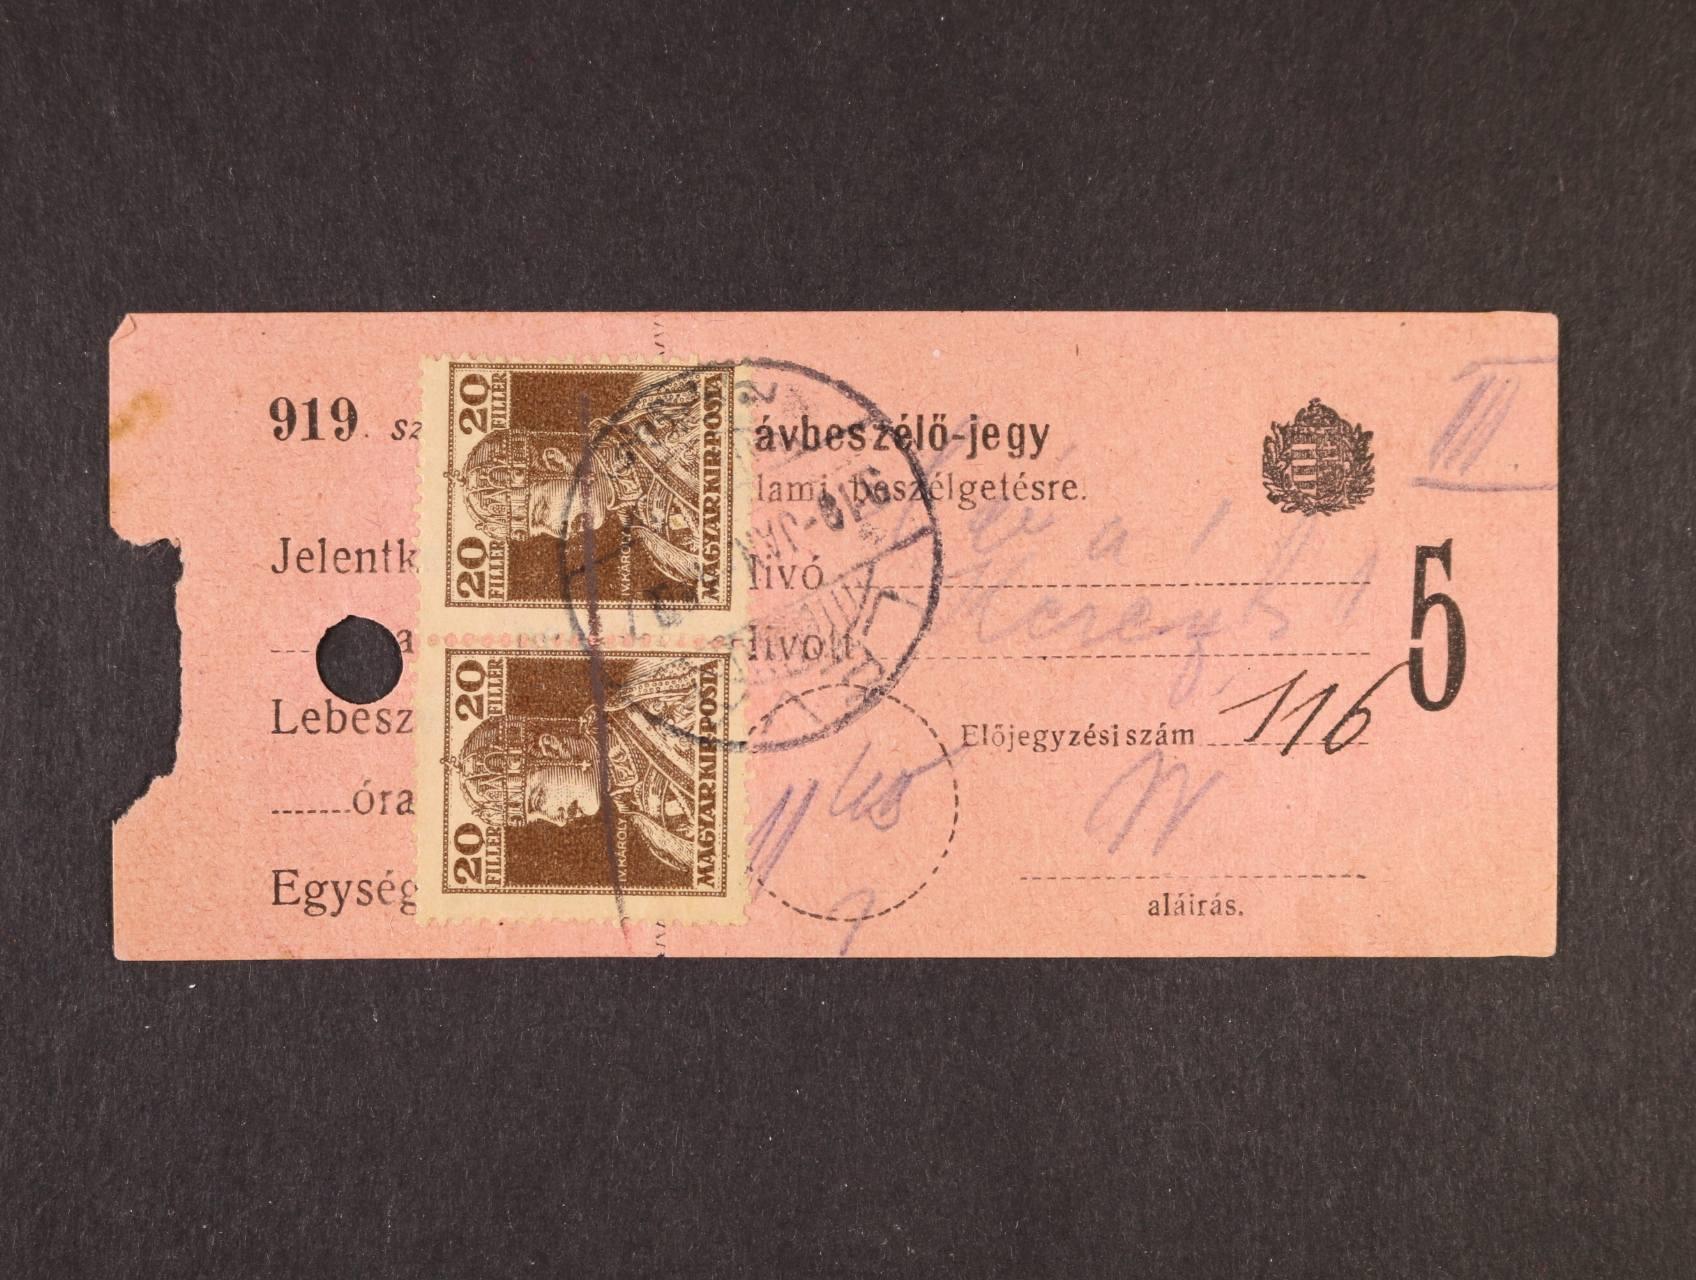 uherská telefonní karta frank. na přední straně dvoupáskou zn. Mi. č. 215 s raz. LÉVA (Levice)  JAN.1919, na zadní str. vylepena zn. Mi. č. 215 znehodnocena škrtem tužky, velmi zajímavé